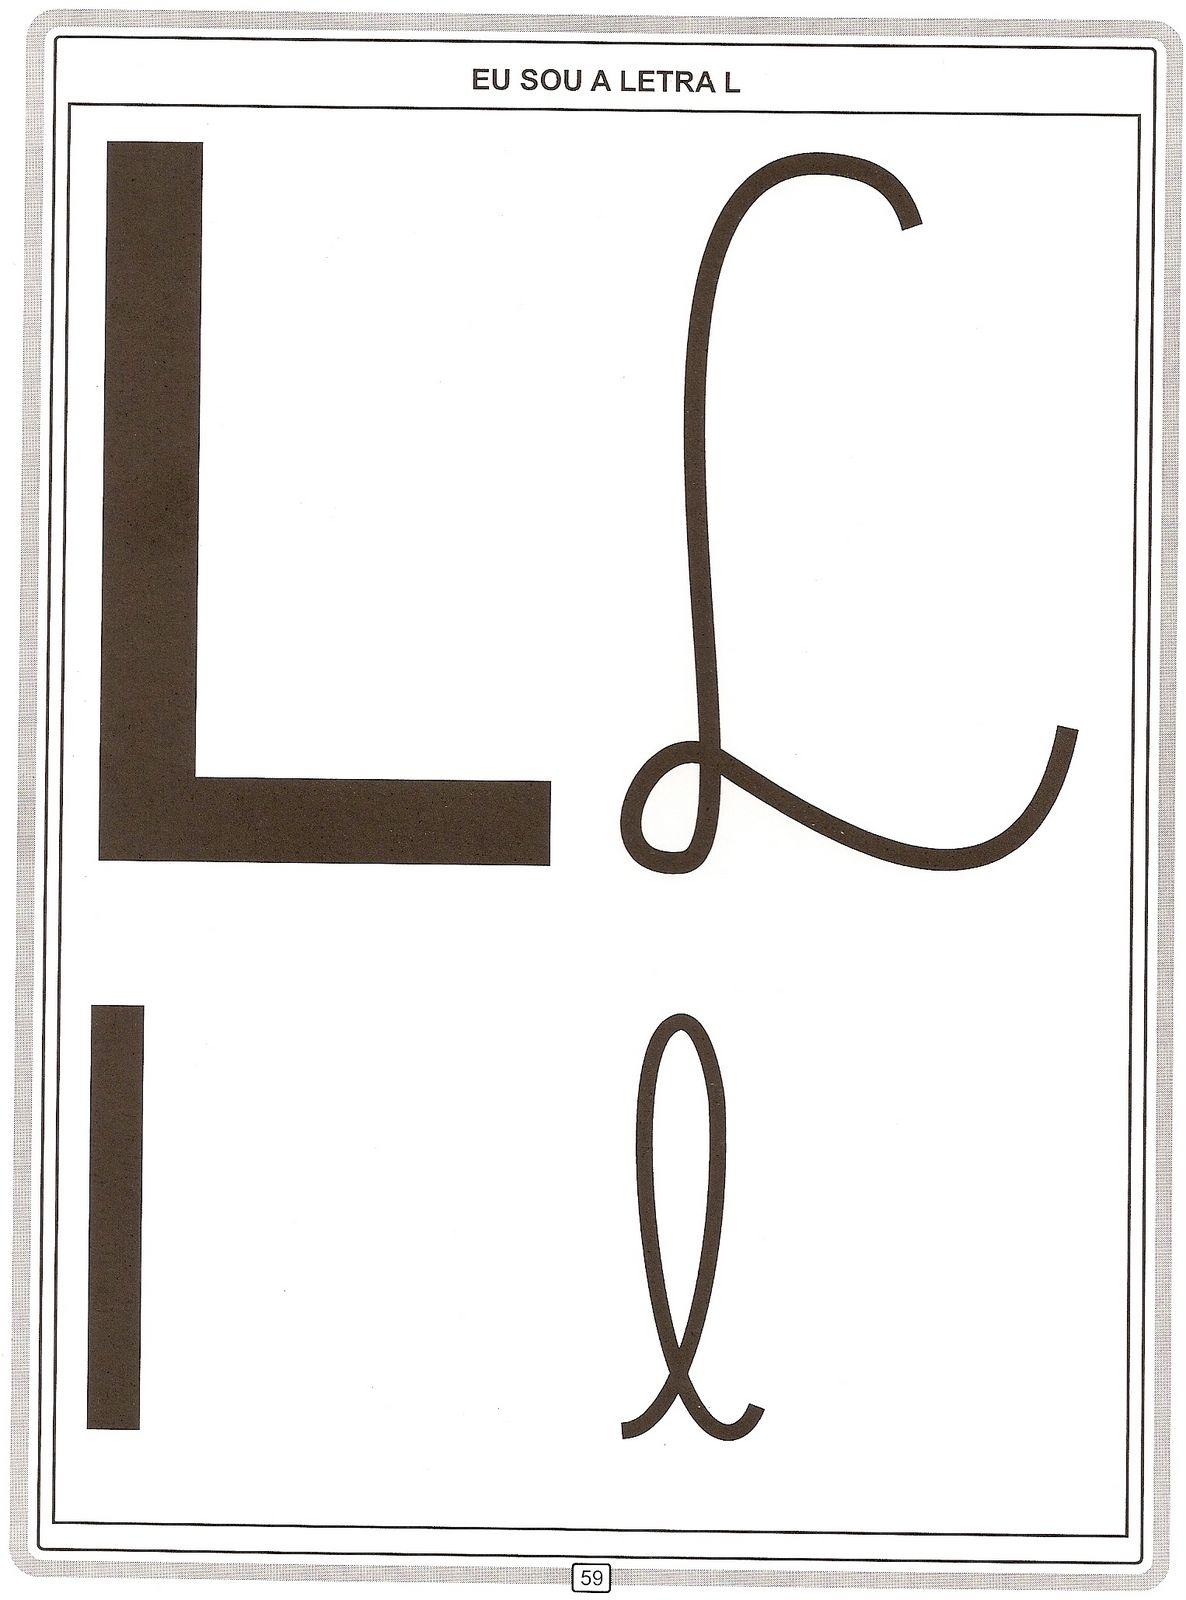 Alfabeto Diferentes Tipos de Letras Alfabeto 4 Tipo de Letras Sin